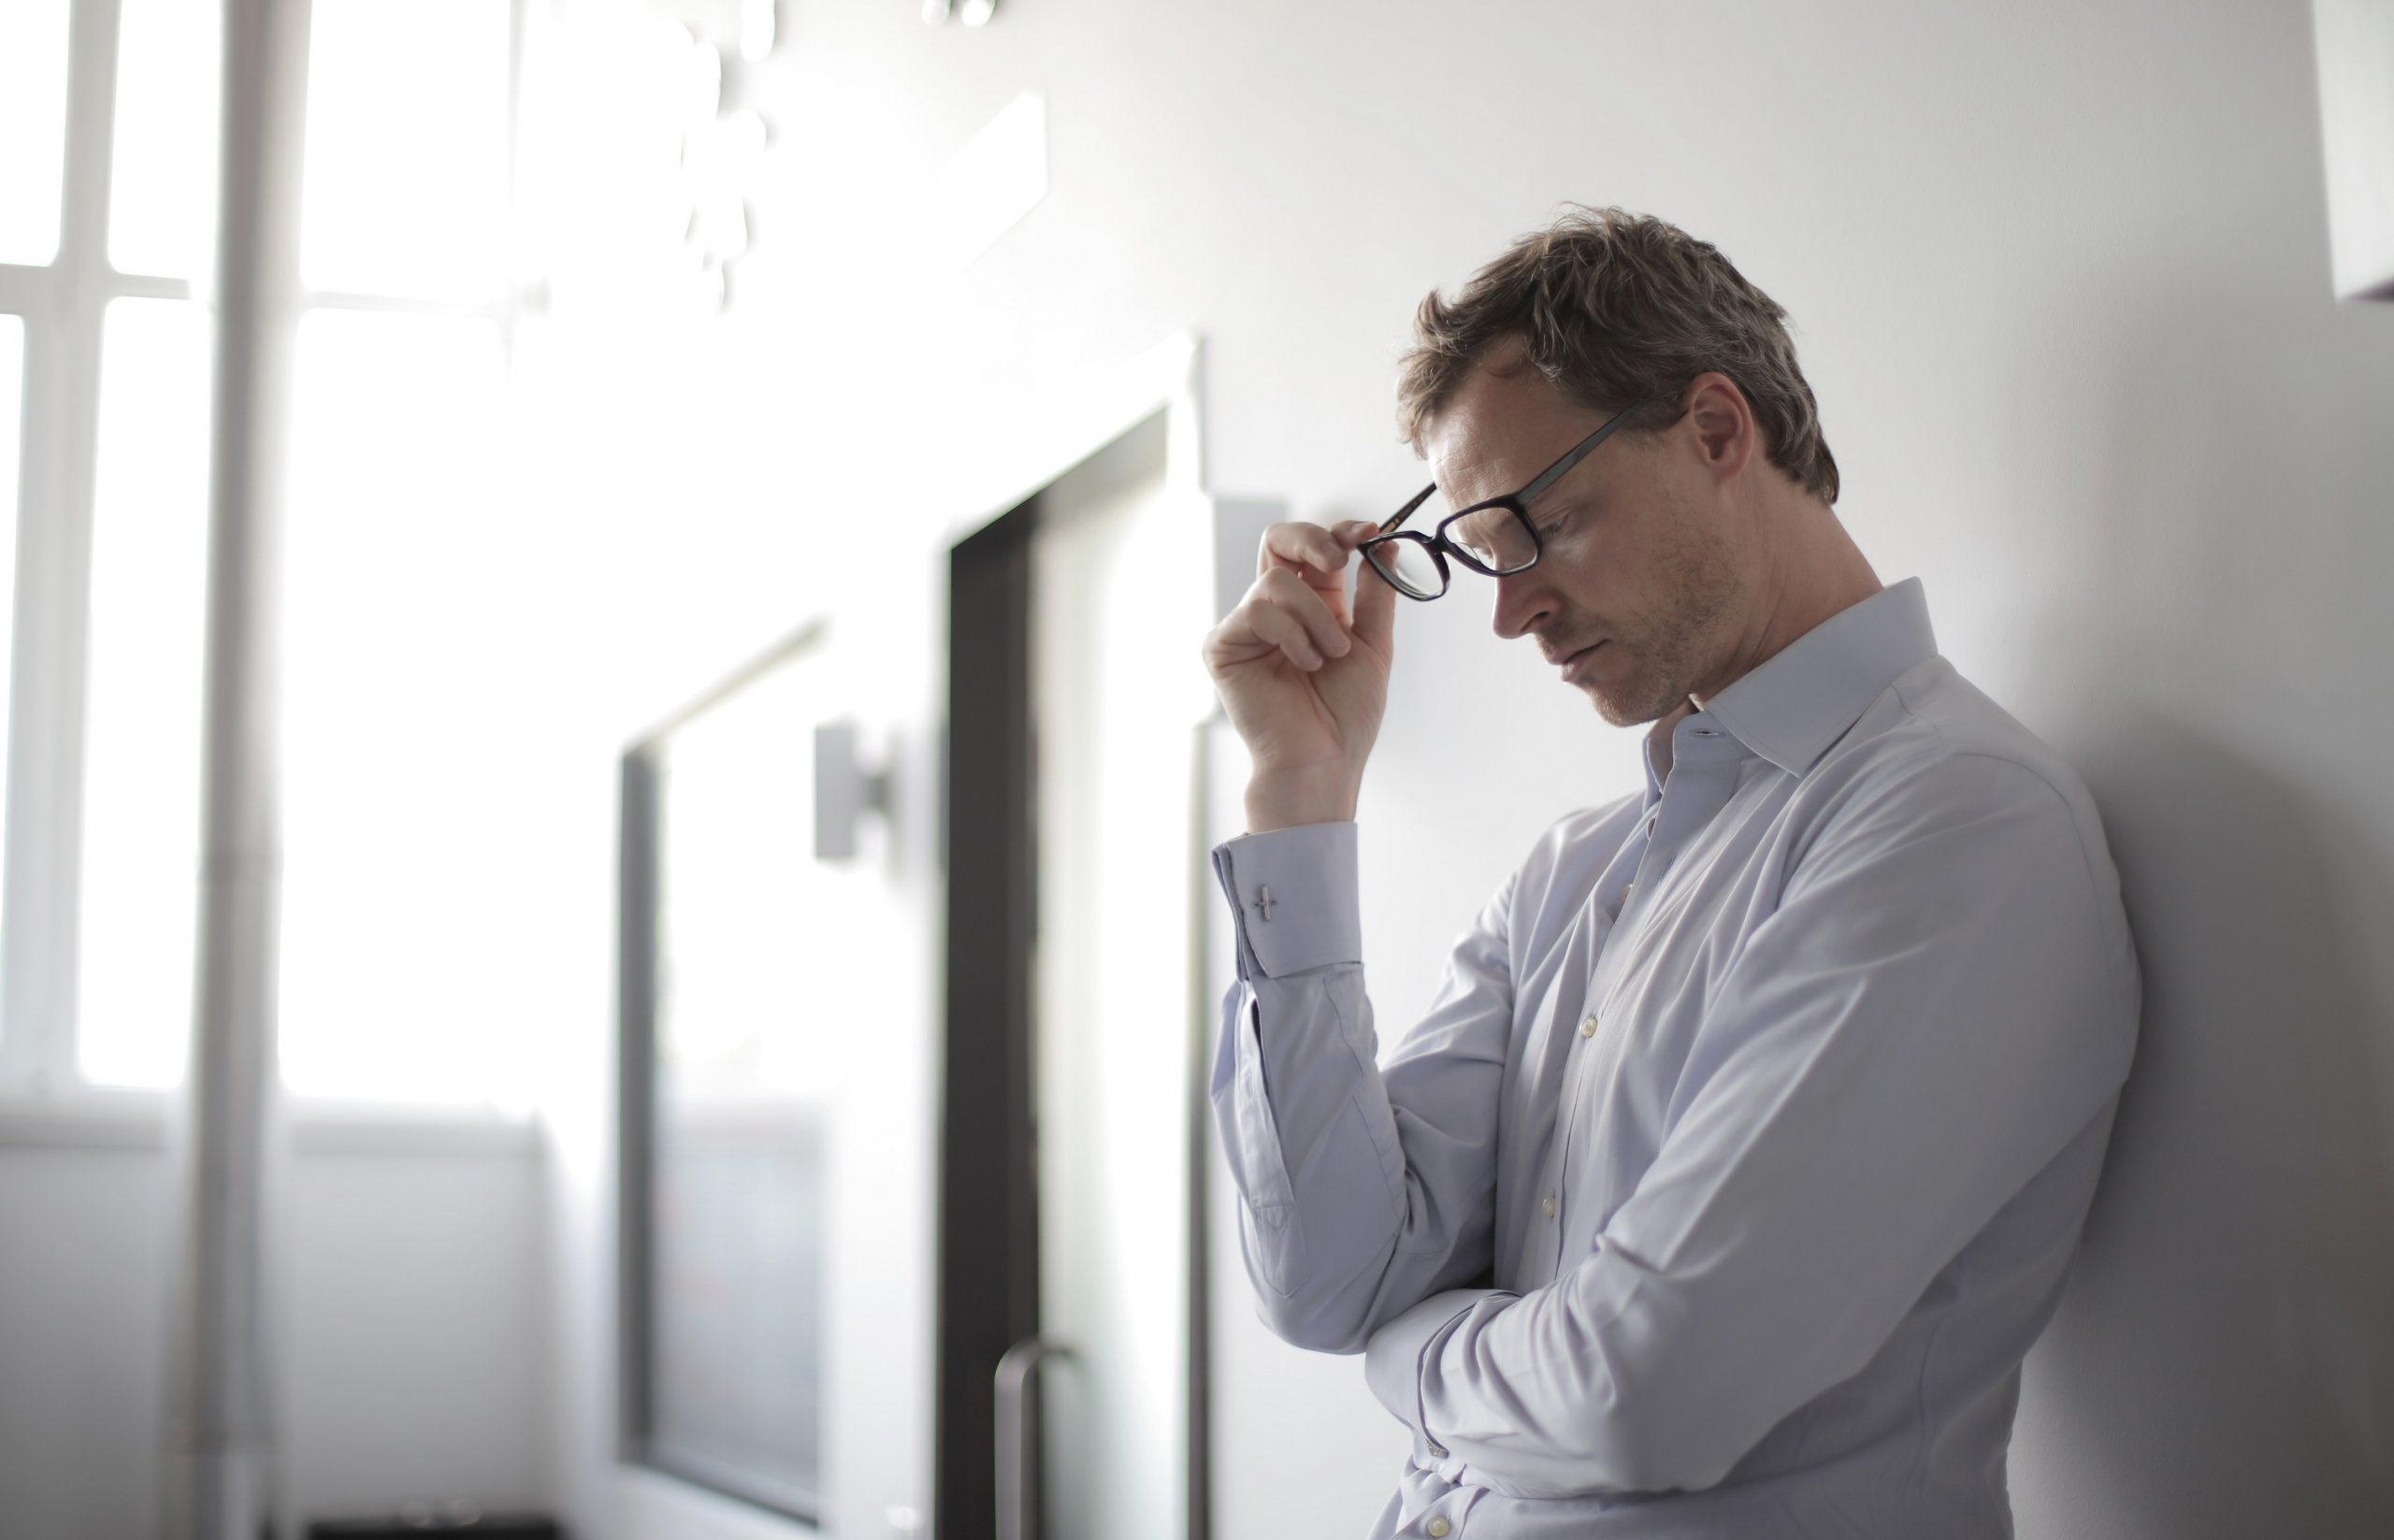 Homem pensativo encostado na parede||Médico esticando as mãos para cumprimentar||Médico olhando a tela de um computador||||||||||Homem pensativo encostado na parede||Médico esticando as mãos para cumprimentar||Médico olhando a tela de um computador